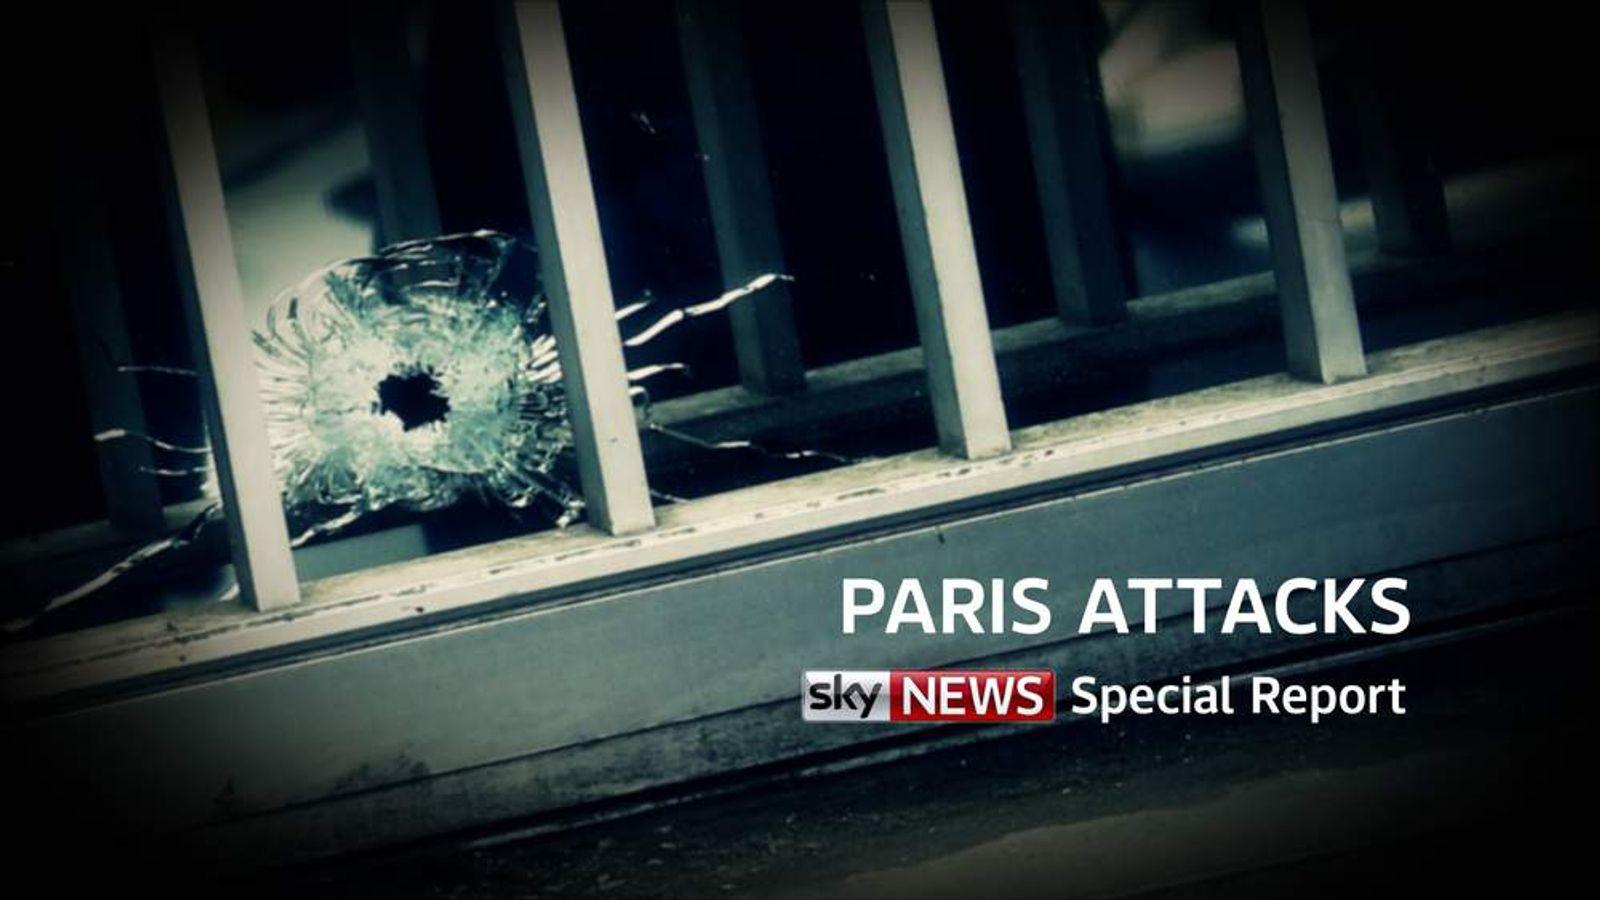 Paris Attacks Special Report